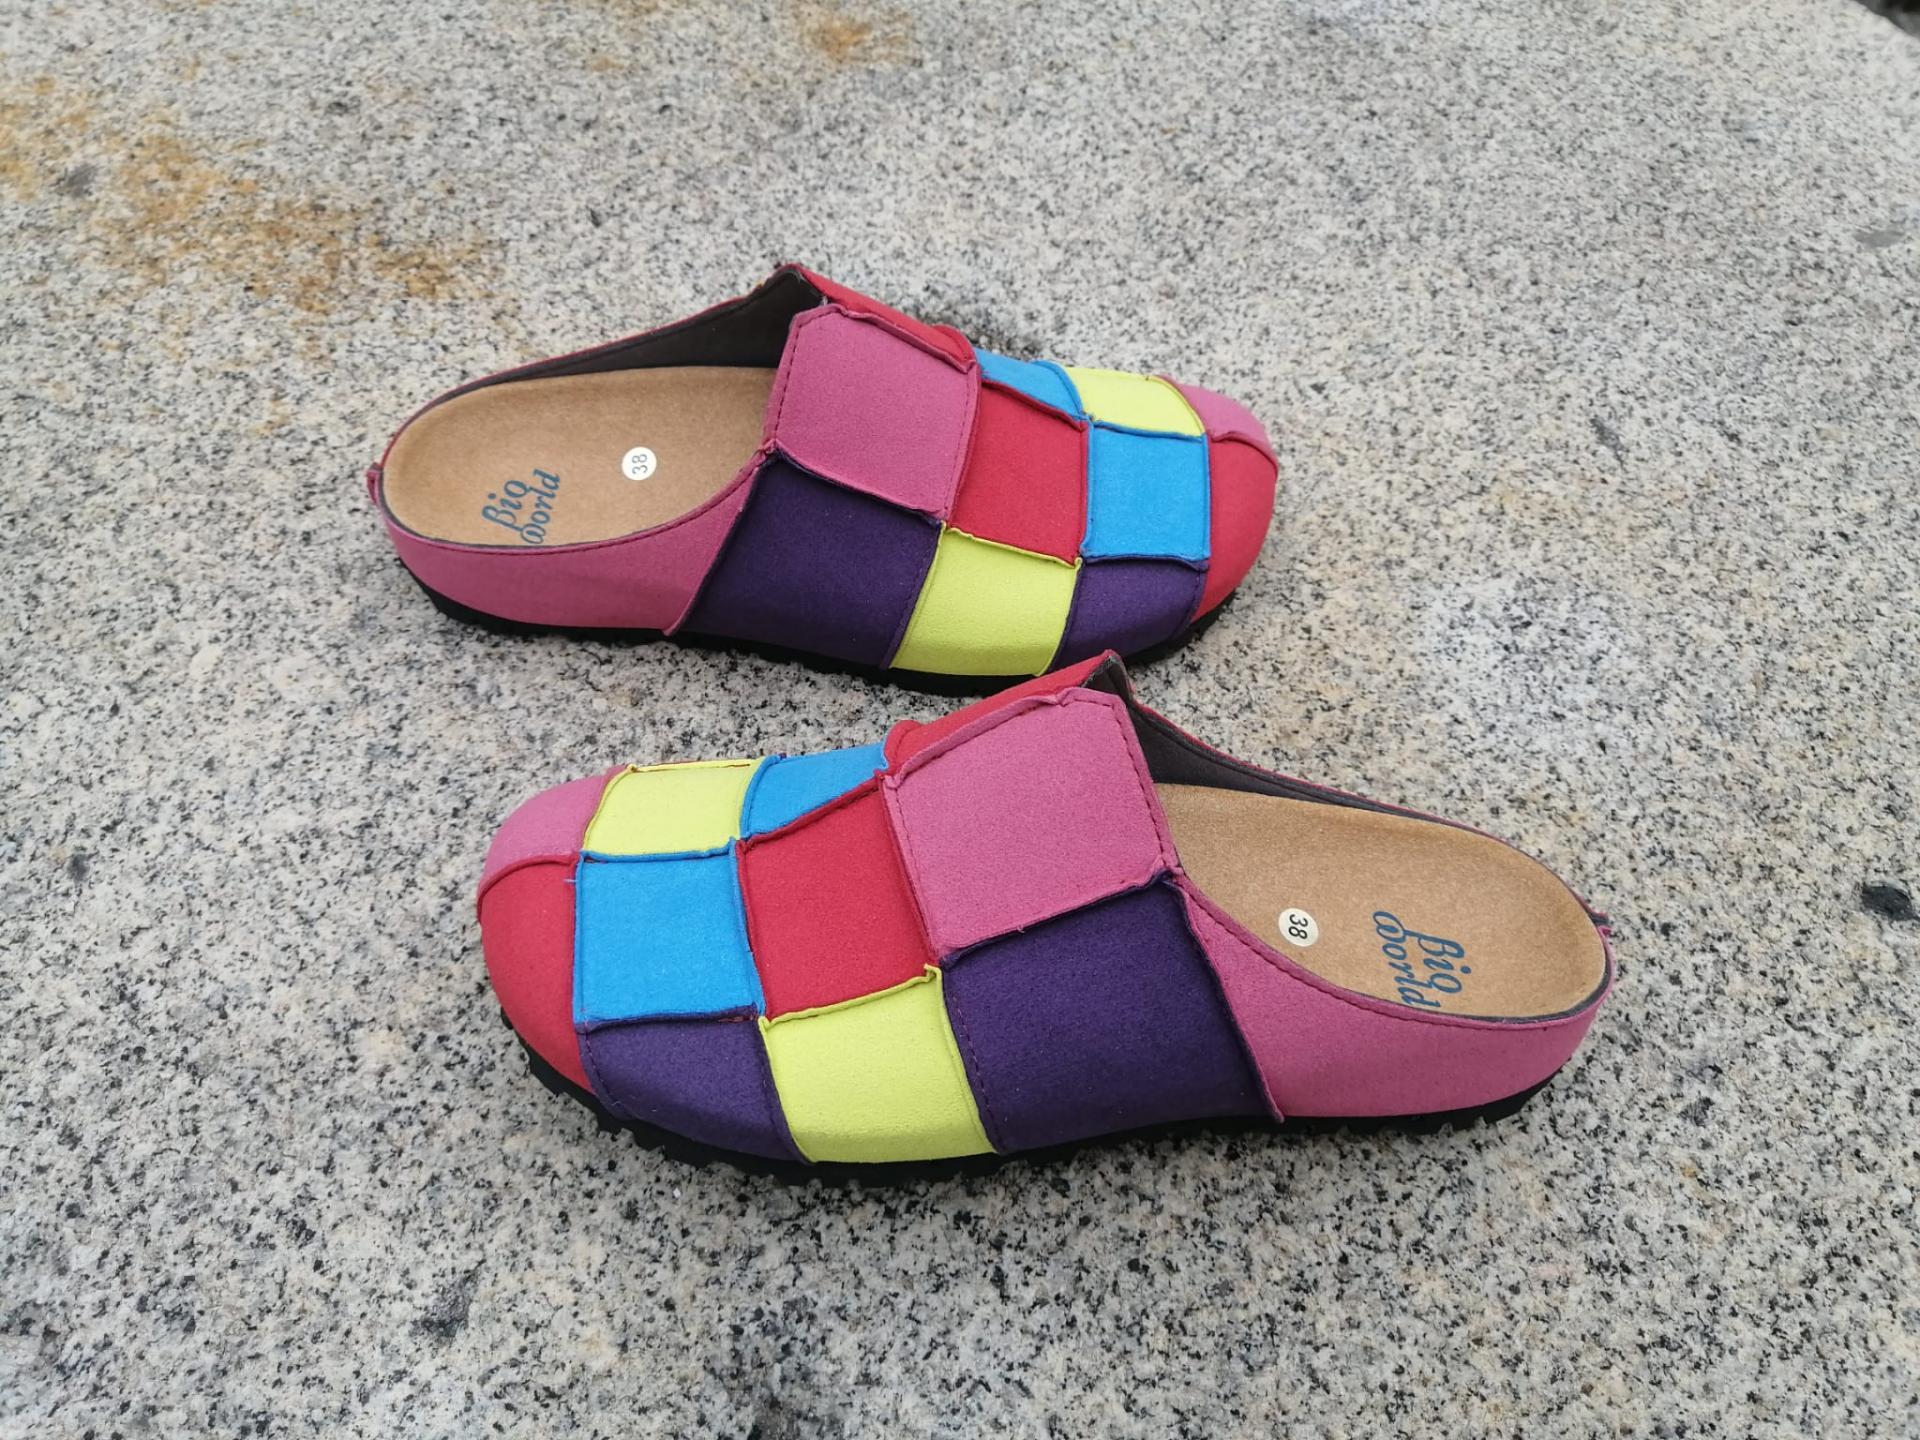 Modelo SQUARES 2021 Free shipping, vegan shoes, vegan woman shoes, vegan men shoes, vegan microfiber, summer shoes, winter shoes, special vegan gift, vegan present.